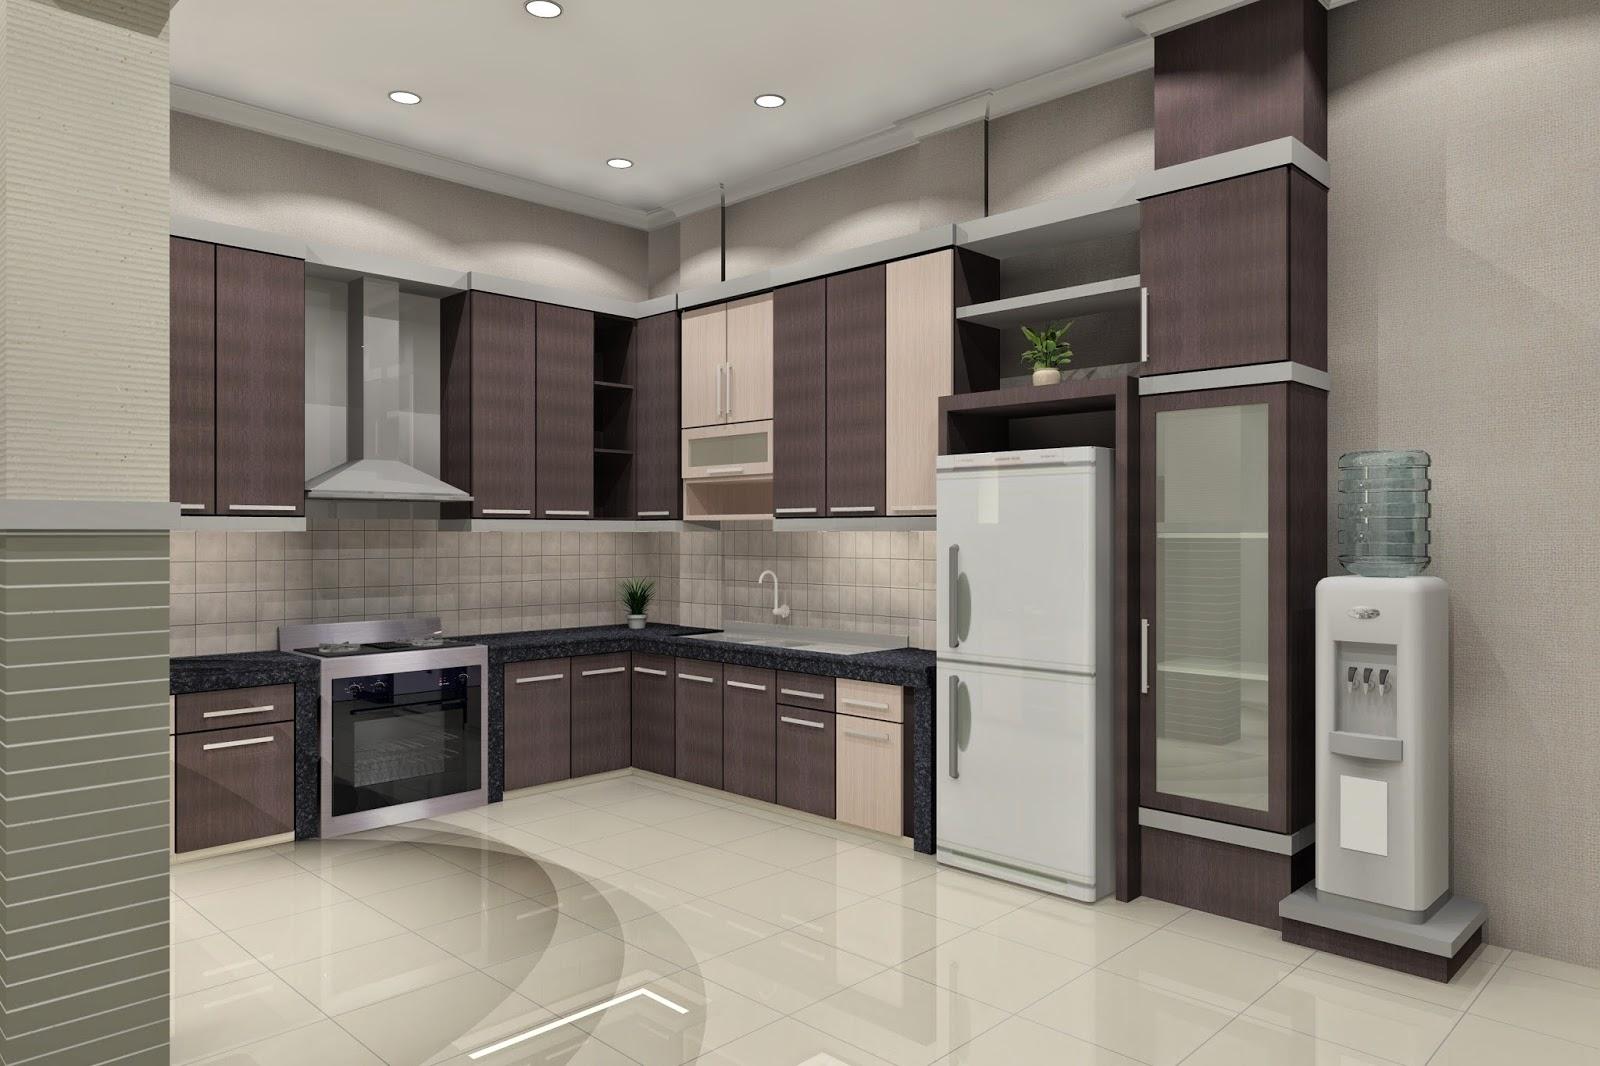 Desain Dapur Rumah Bernuansa Elegan